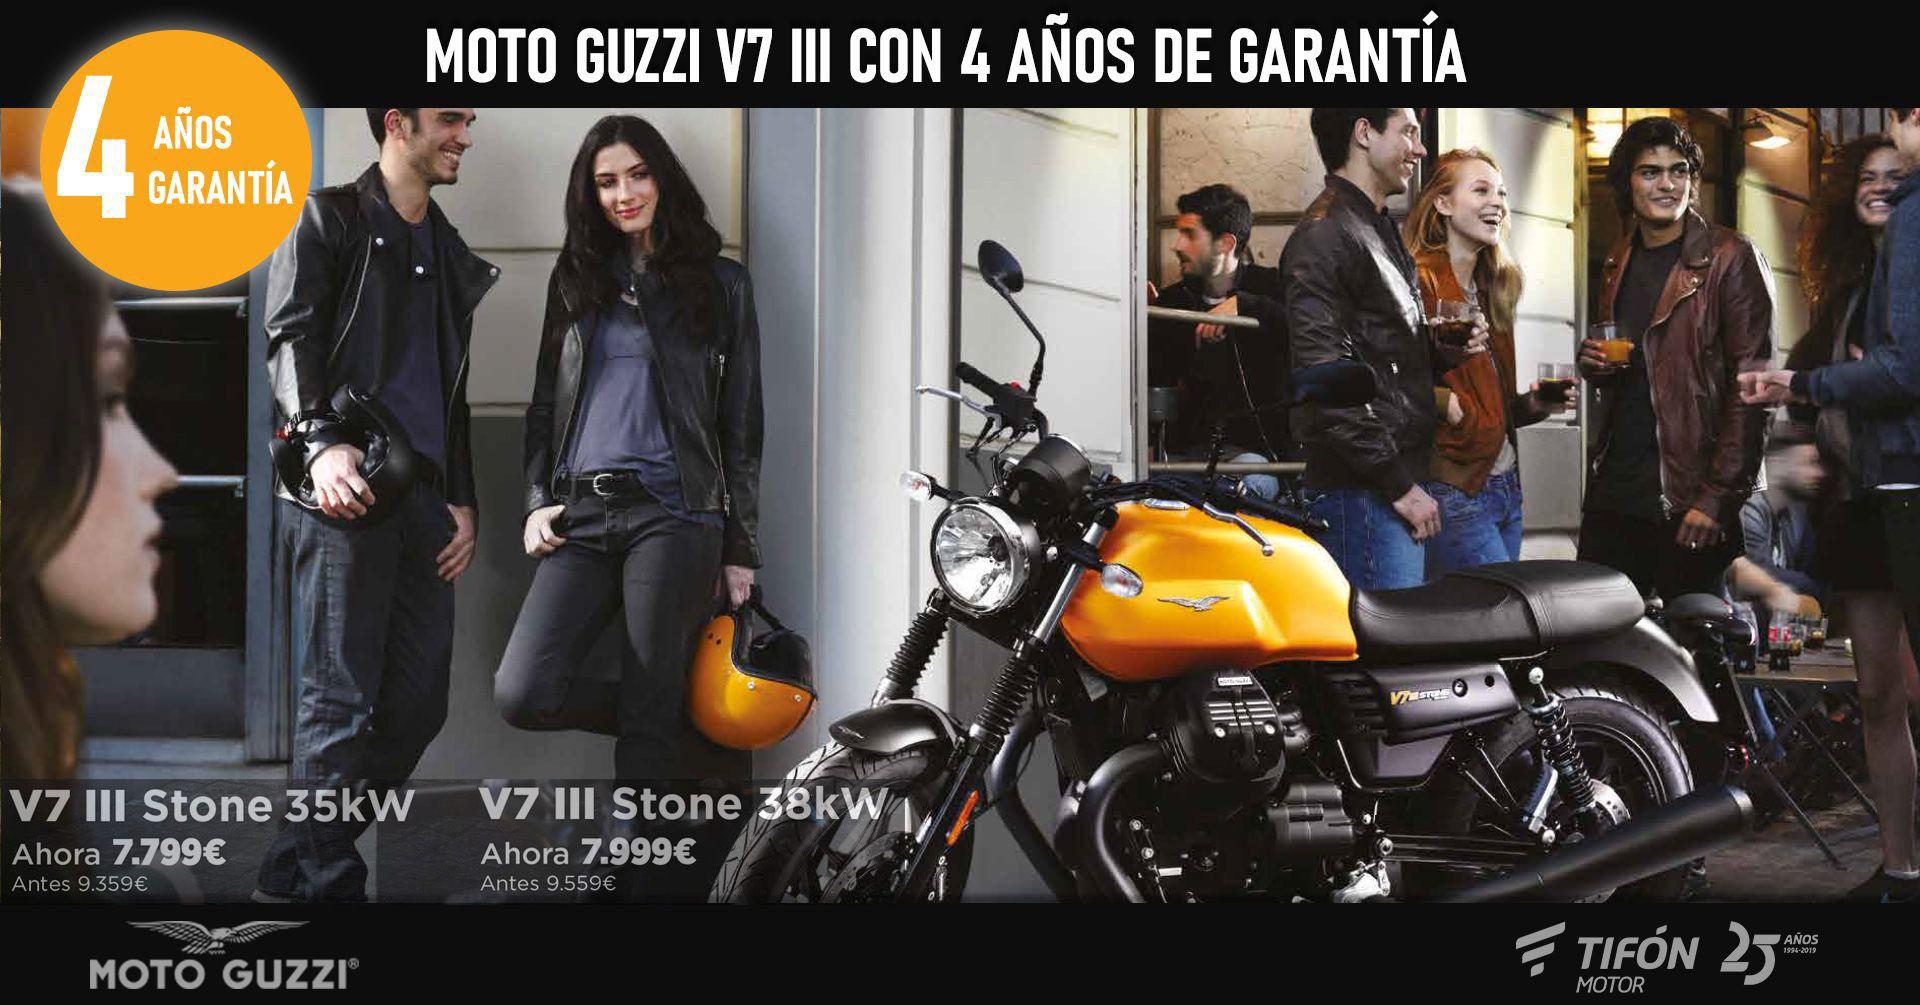 Ahora la Moto Guzzi V7 III Stone desde 7.799€ y con 4 años de garantía